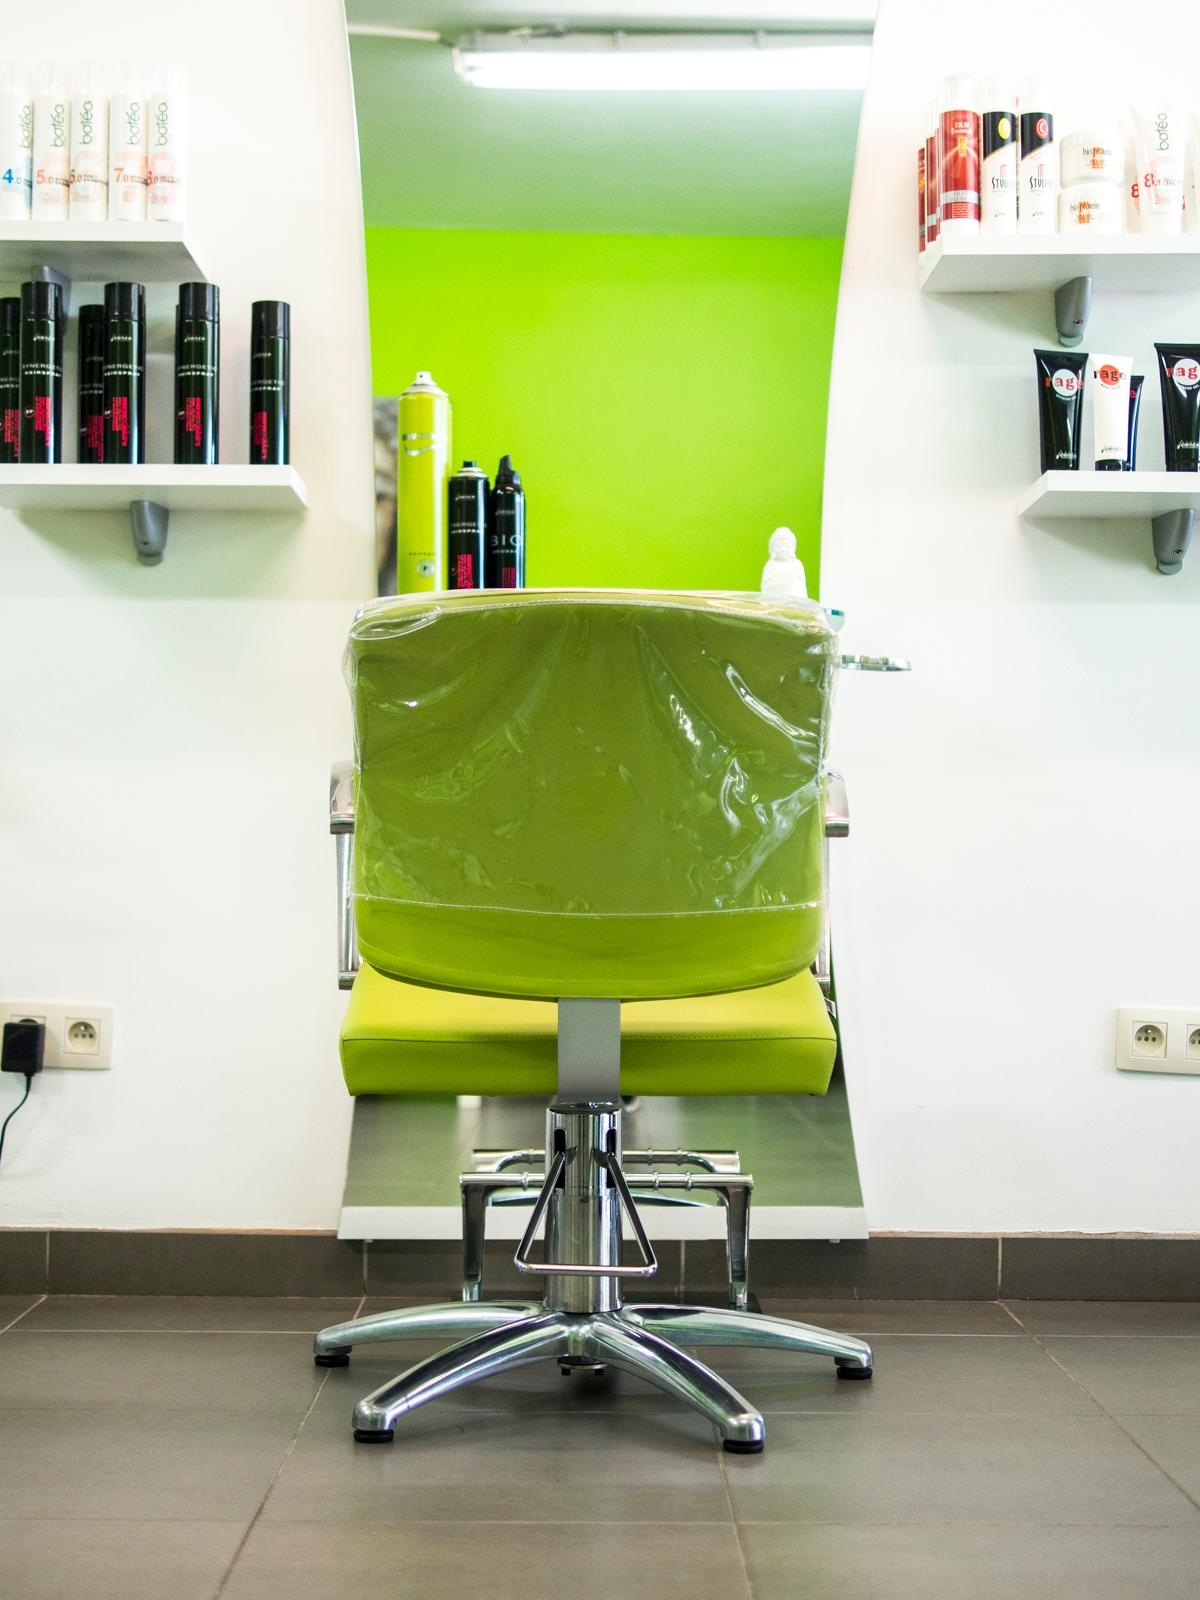 Coiffure mixte costa - Salon de coiffure a bruxelles ...